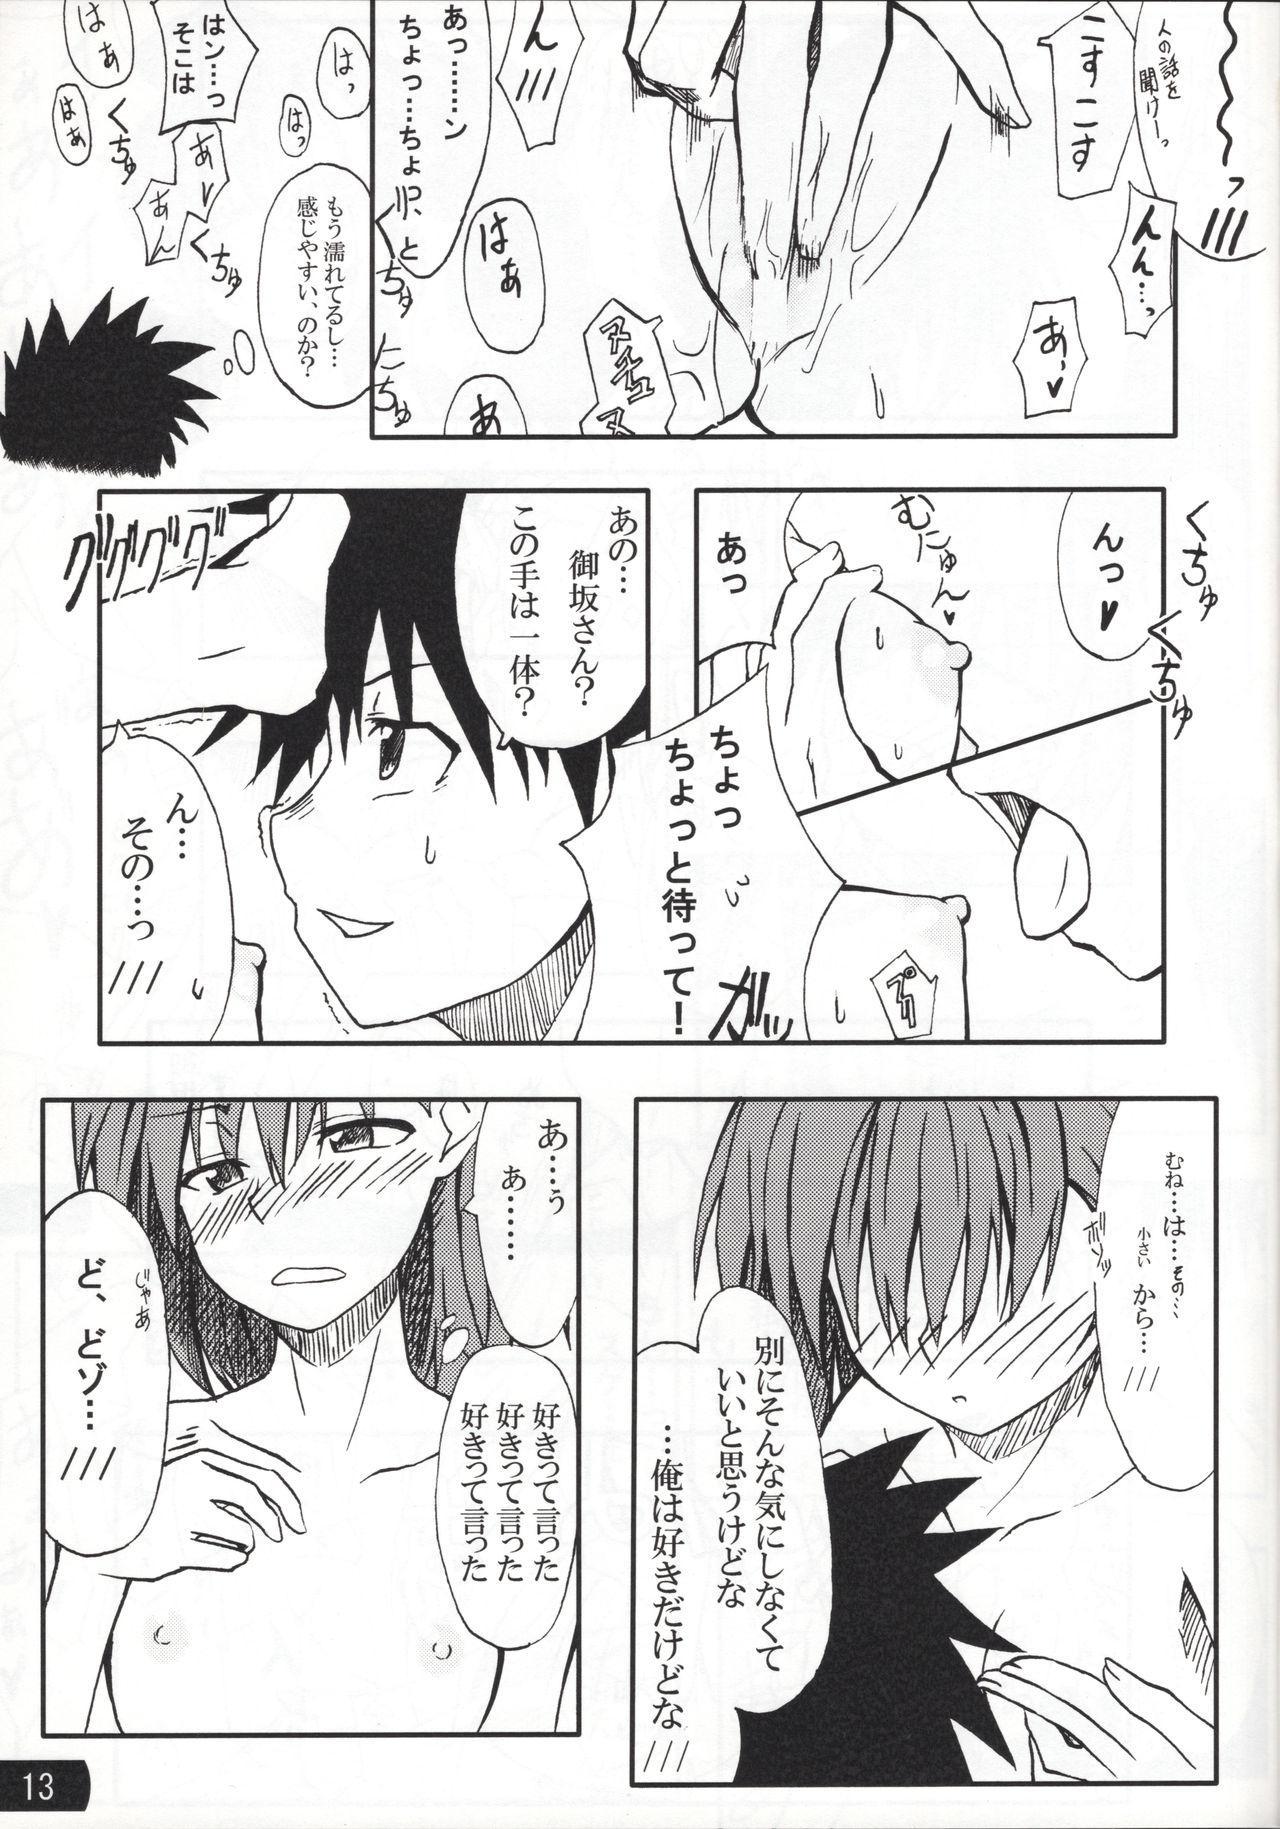 Toaru mousou no chou denji hon 02 11